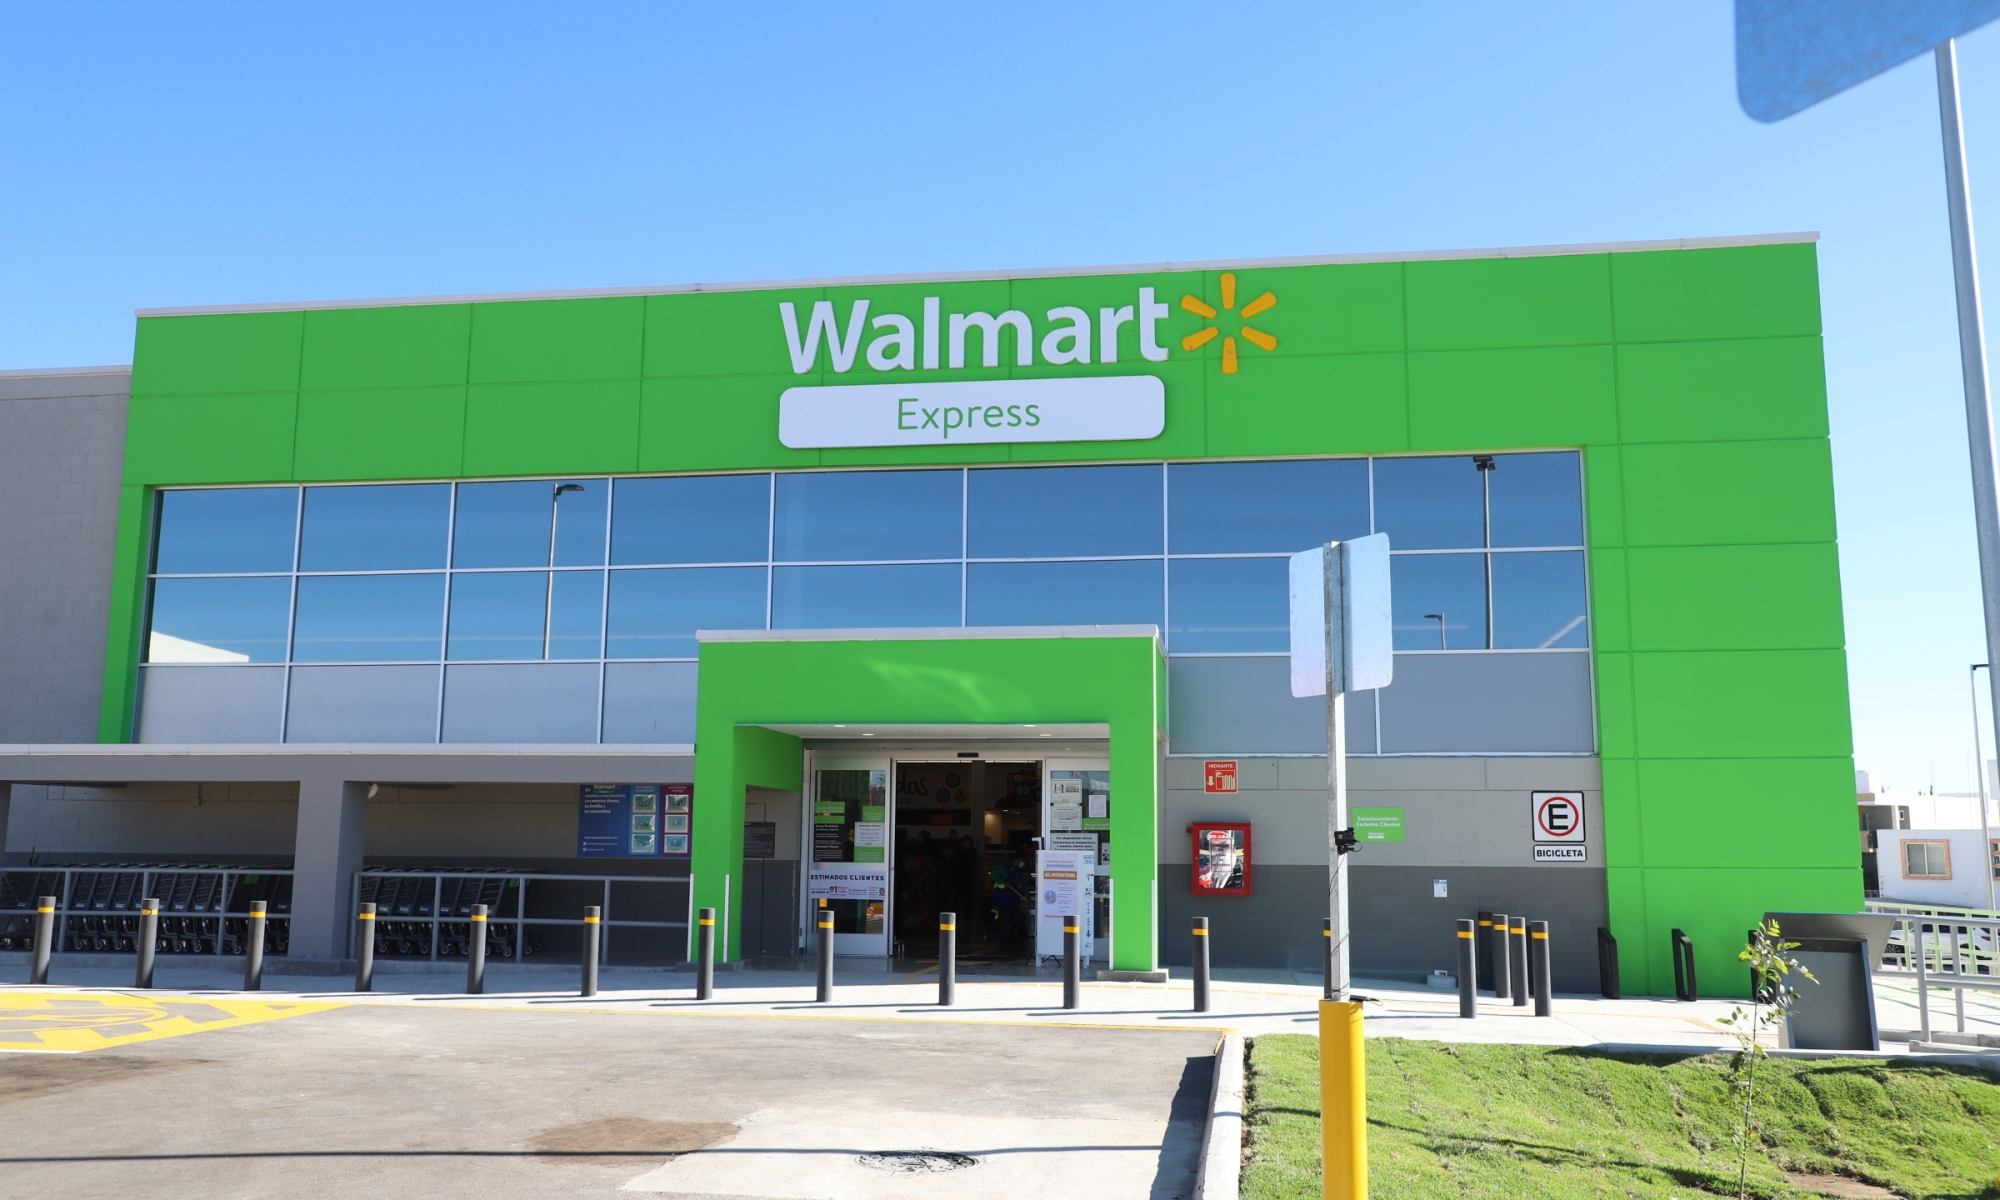 Walmart Express